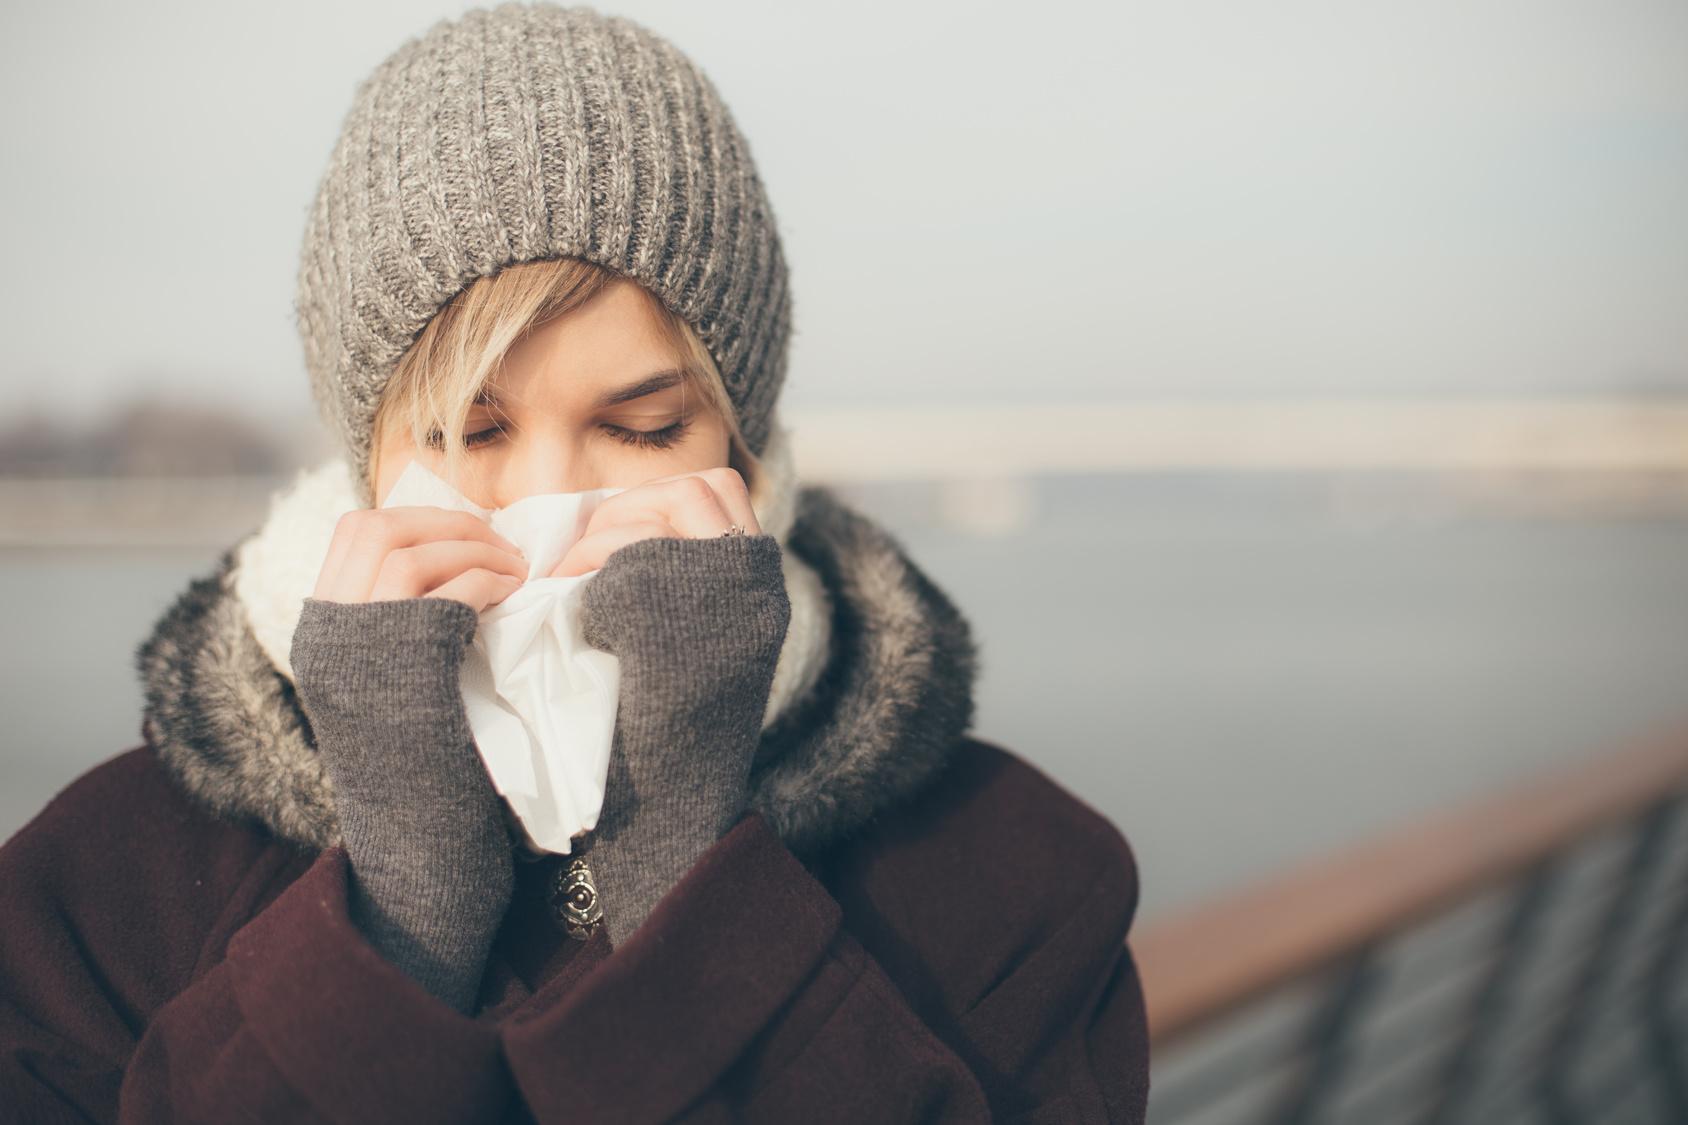 Manter a saúde no inverno